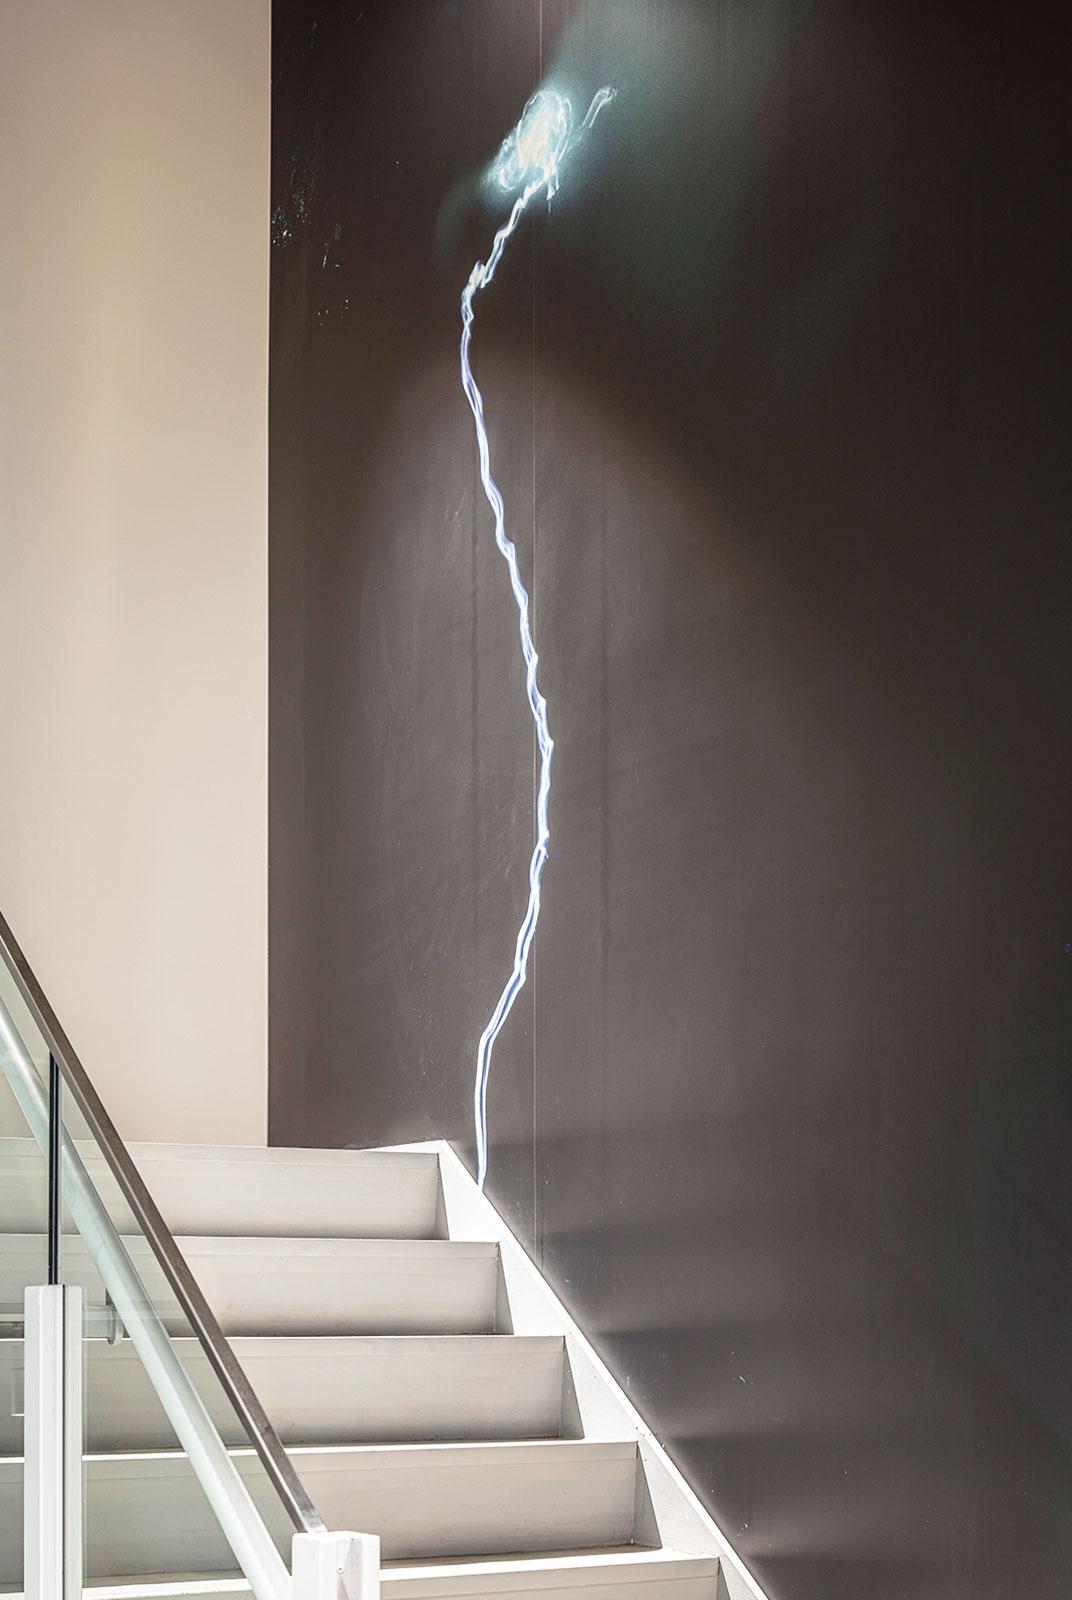 コンセプチュアルカメラマン濱田祐史さんの作品を配置した階段フォトアート。上階の壁面につながる巨大な作品。川にLEDの光を流し、川の流れを視覚化したもので空間そのものを体験してもらえたらと設置された